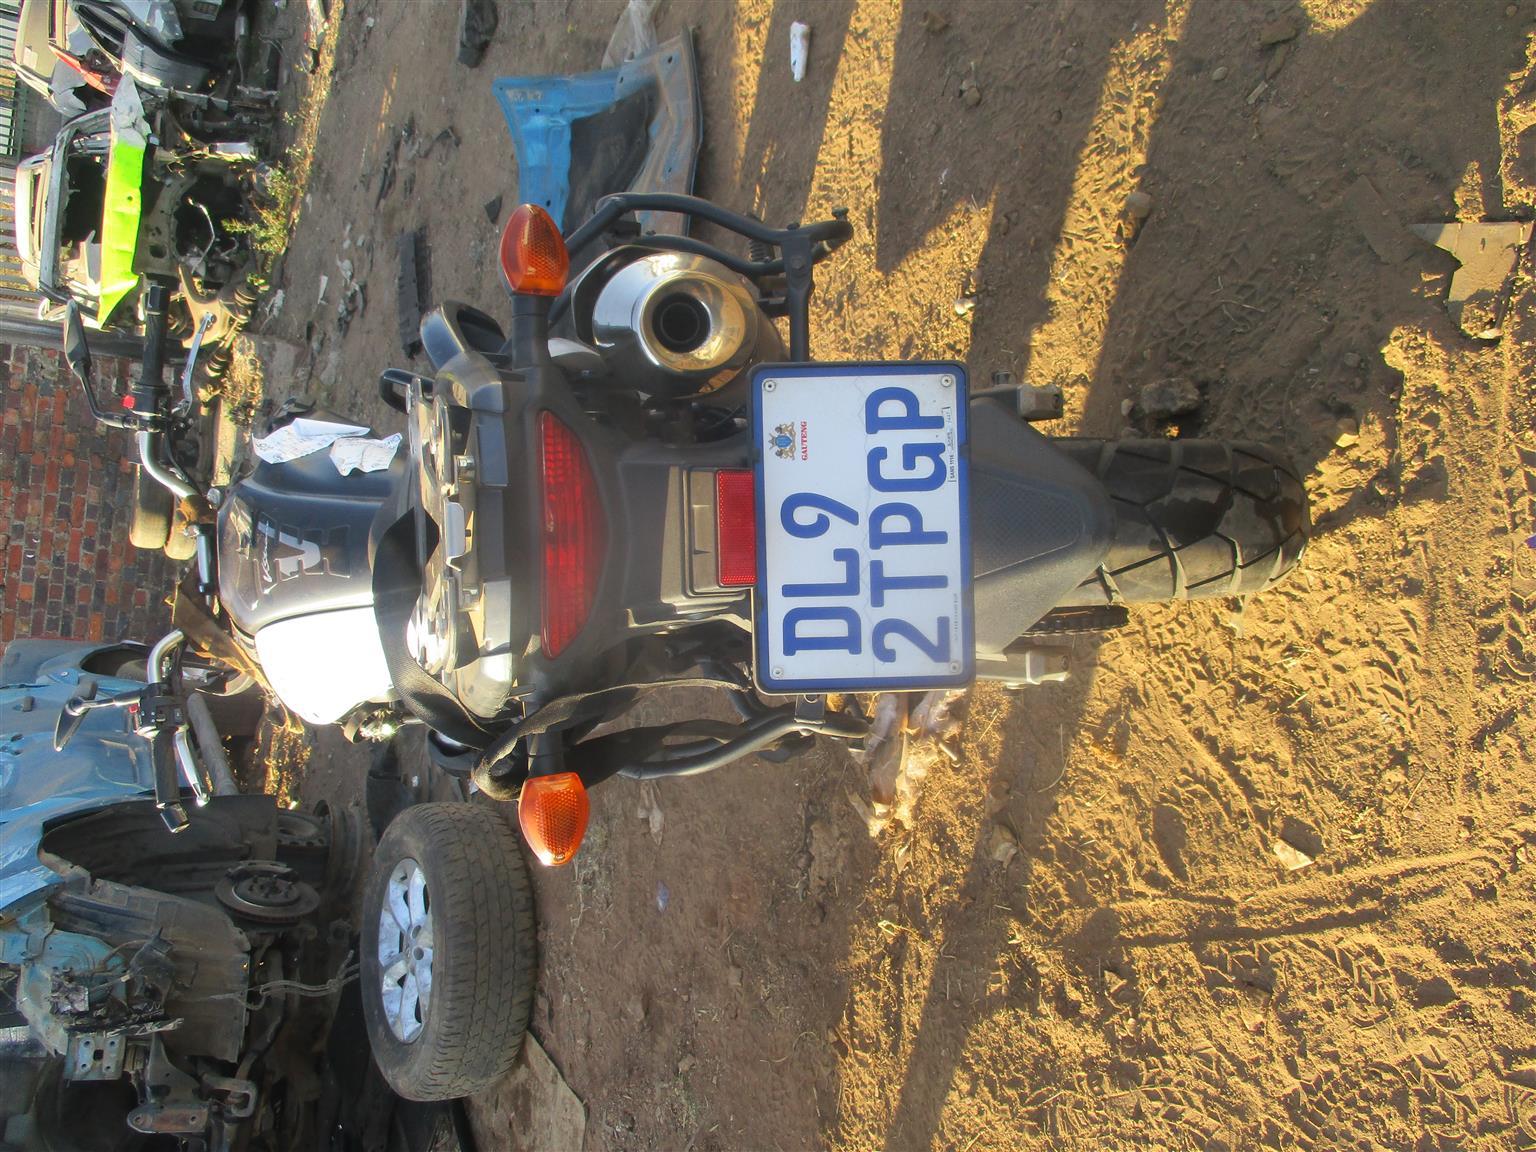 2007 Suzuki V-Strom